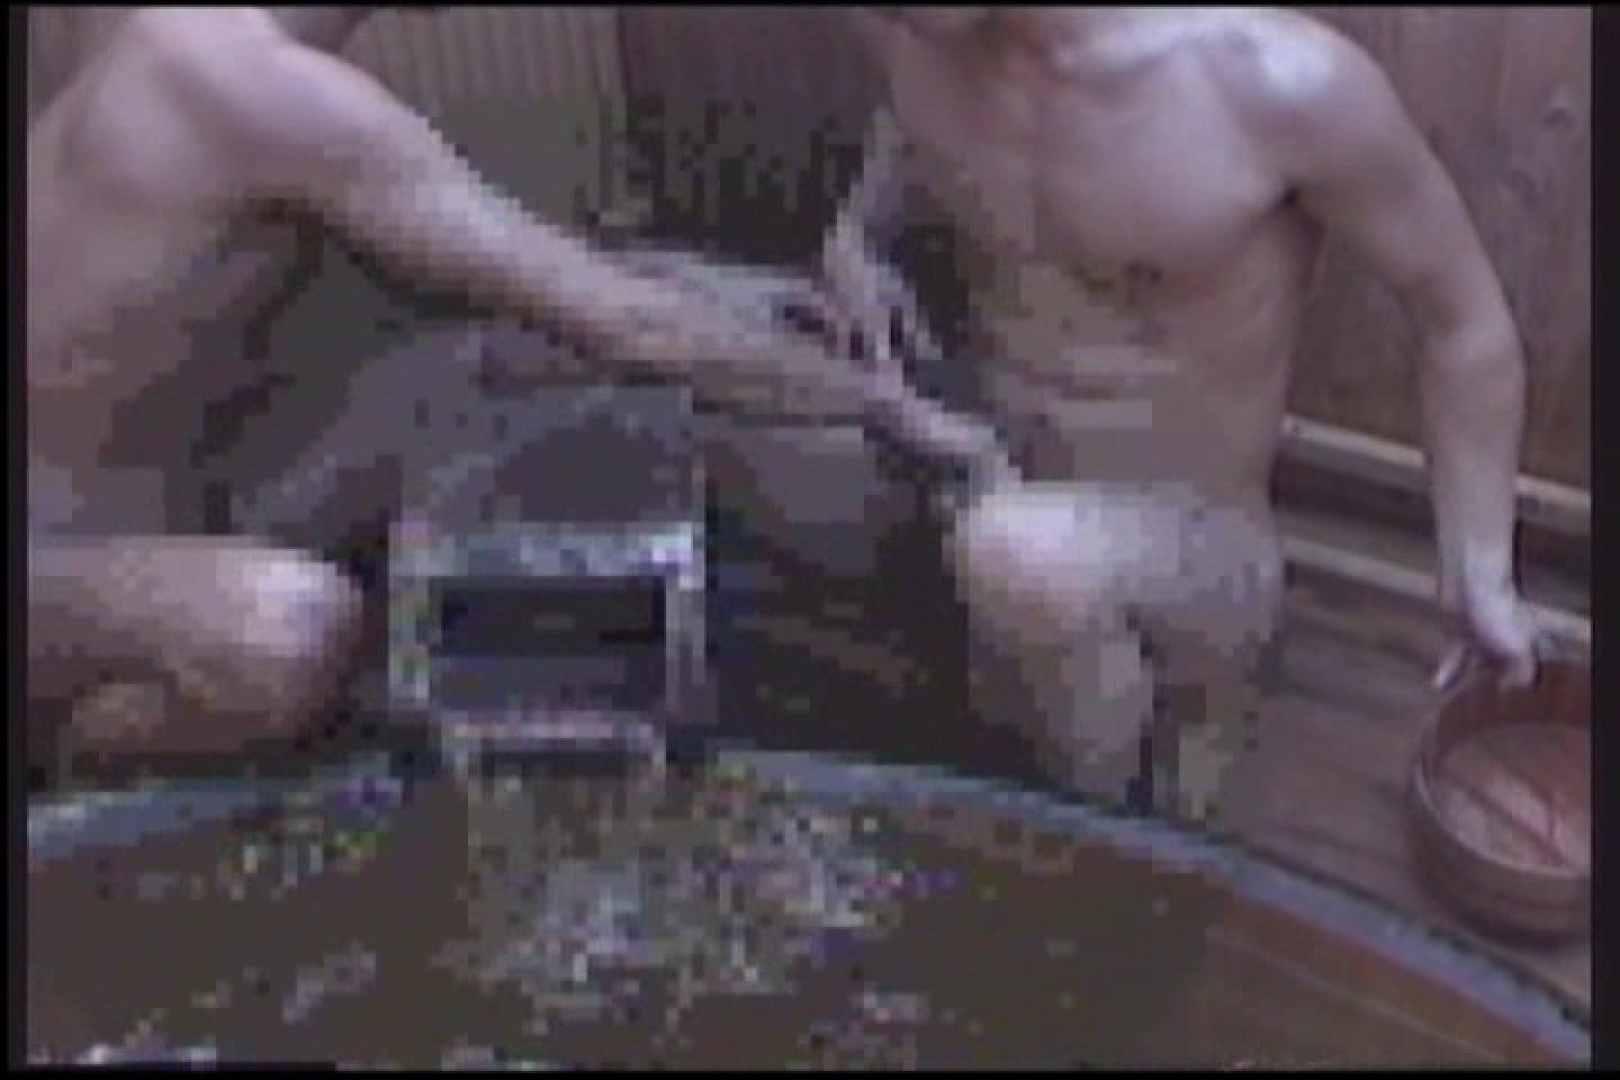 体育会系男子の銭湯合宿を覗いてみようvol.03 ノンケのオナニー ゲイセックス画像 110連発 68